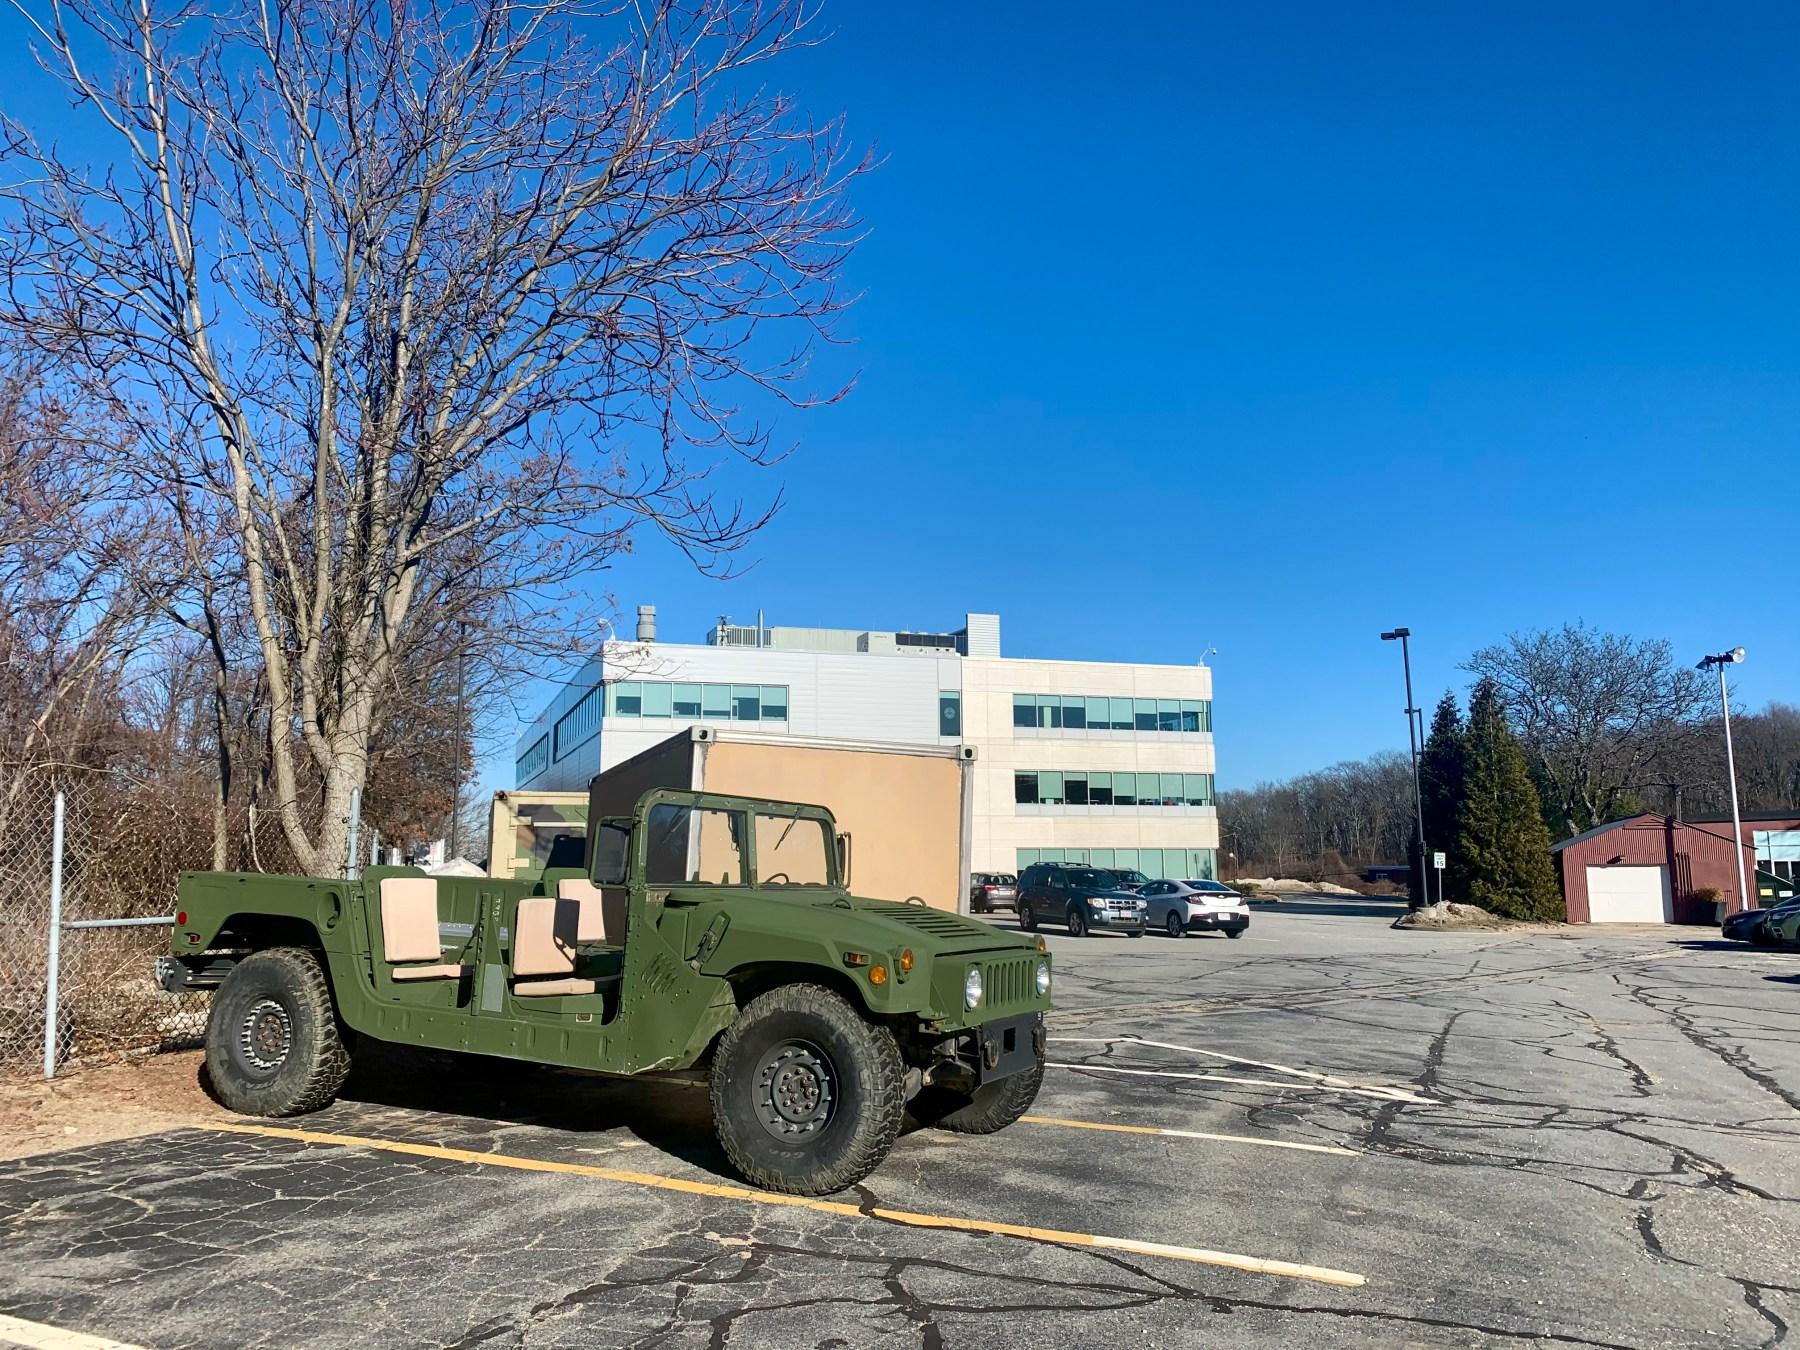 Hummer at former NIke missile base Burlington MA